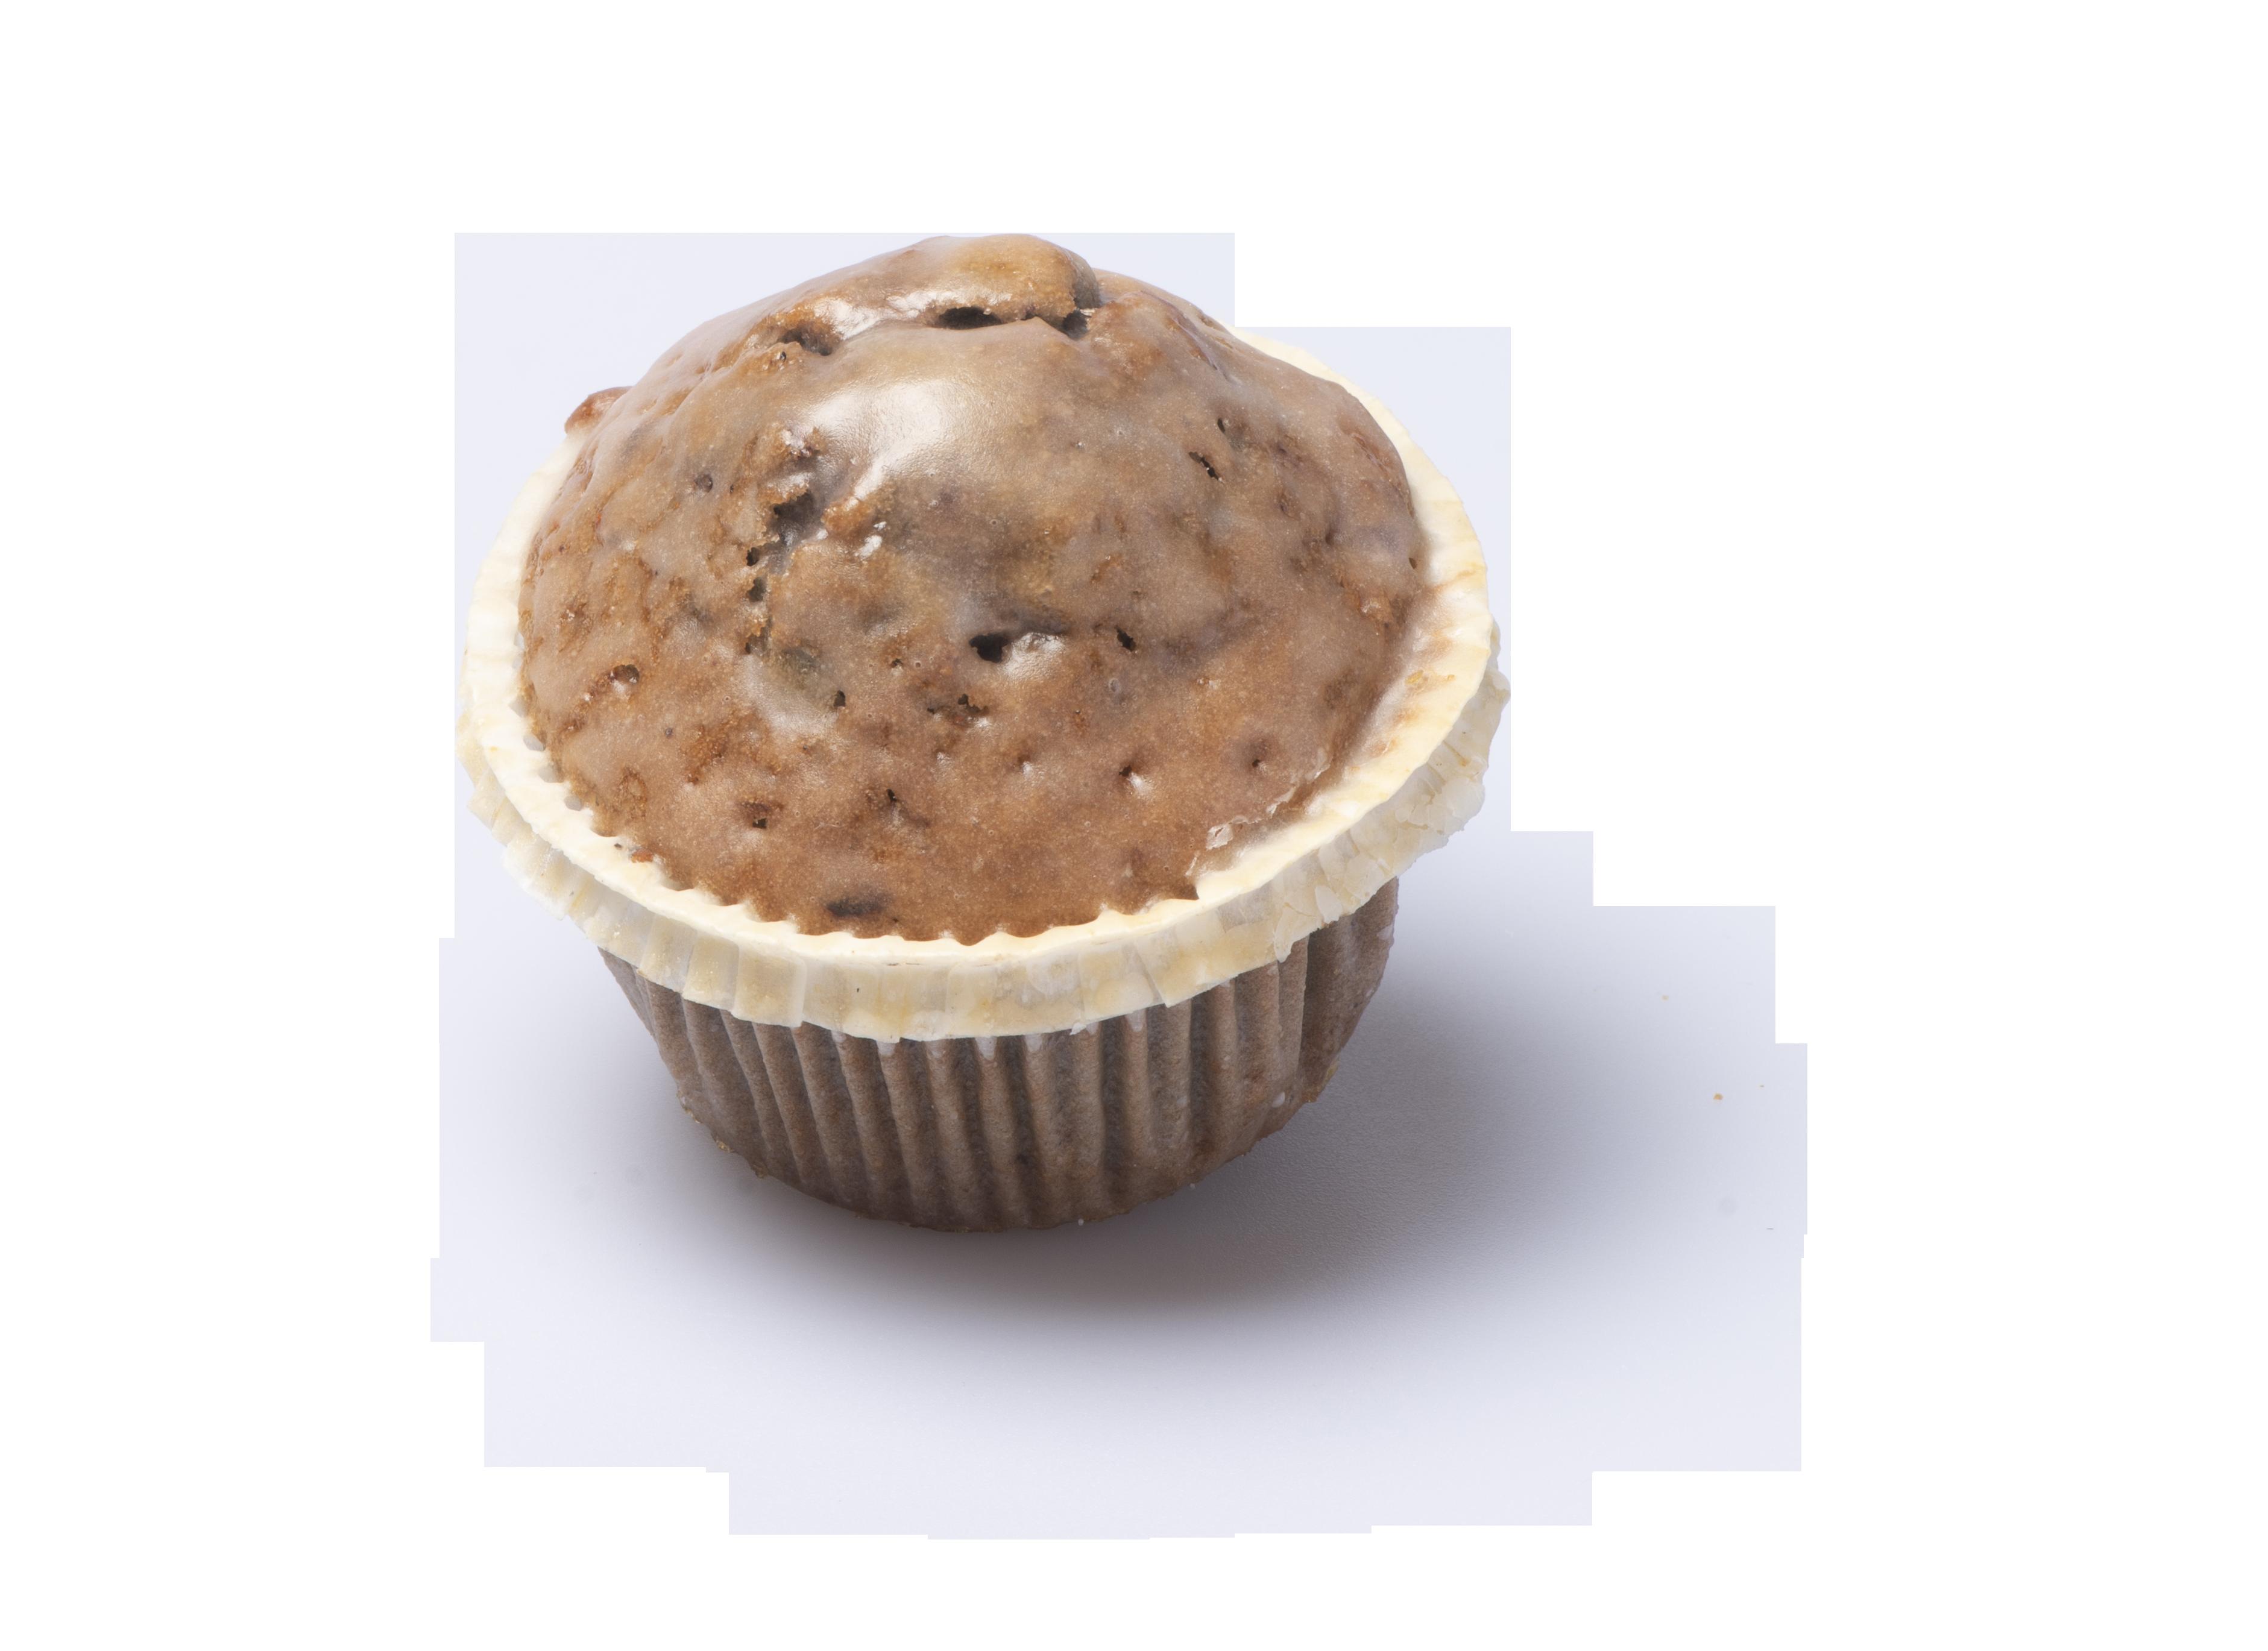 Öko Blueberry Muffin